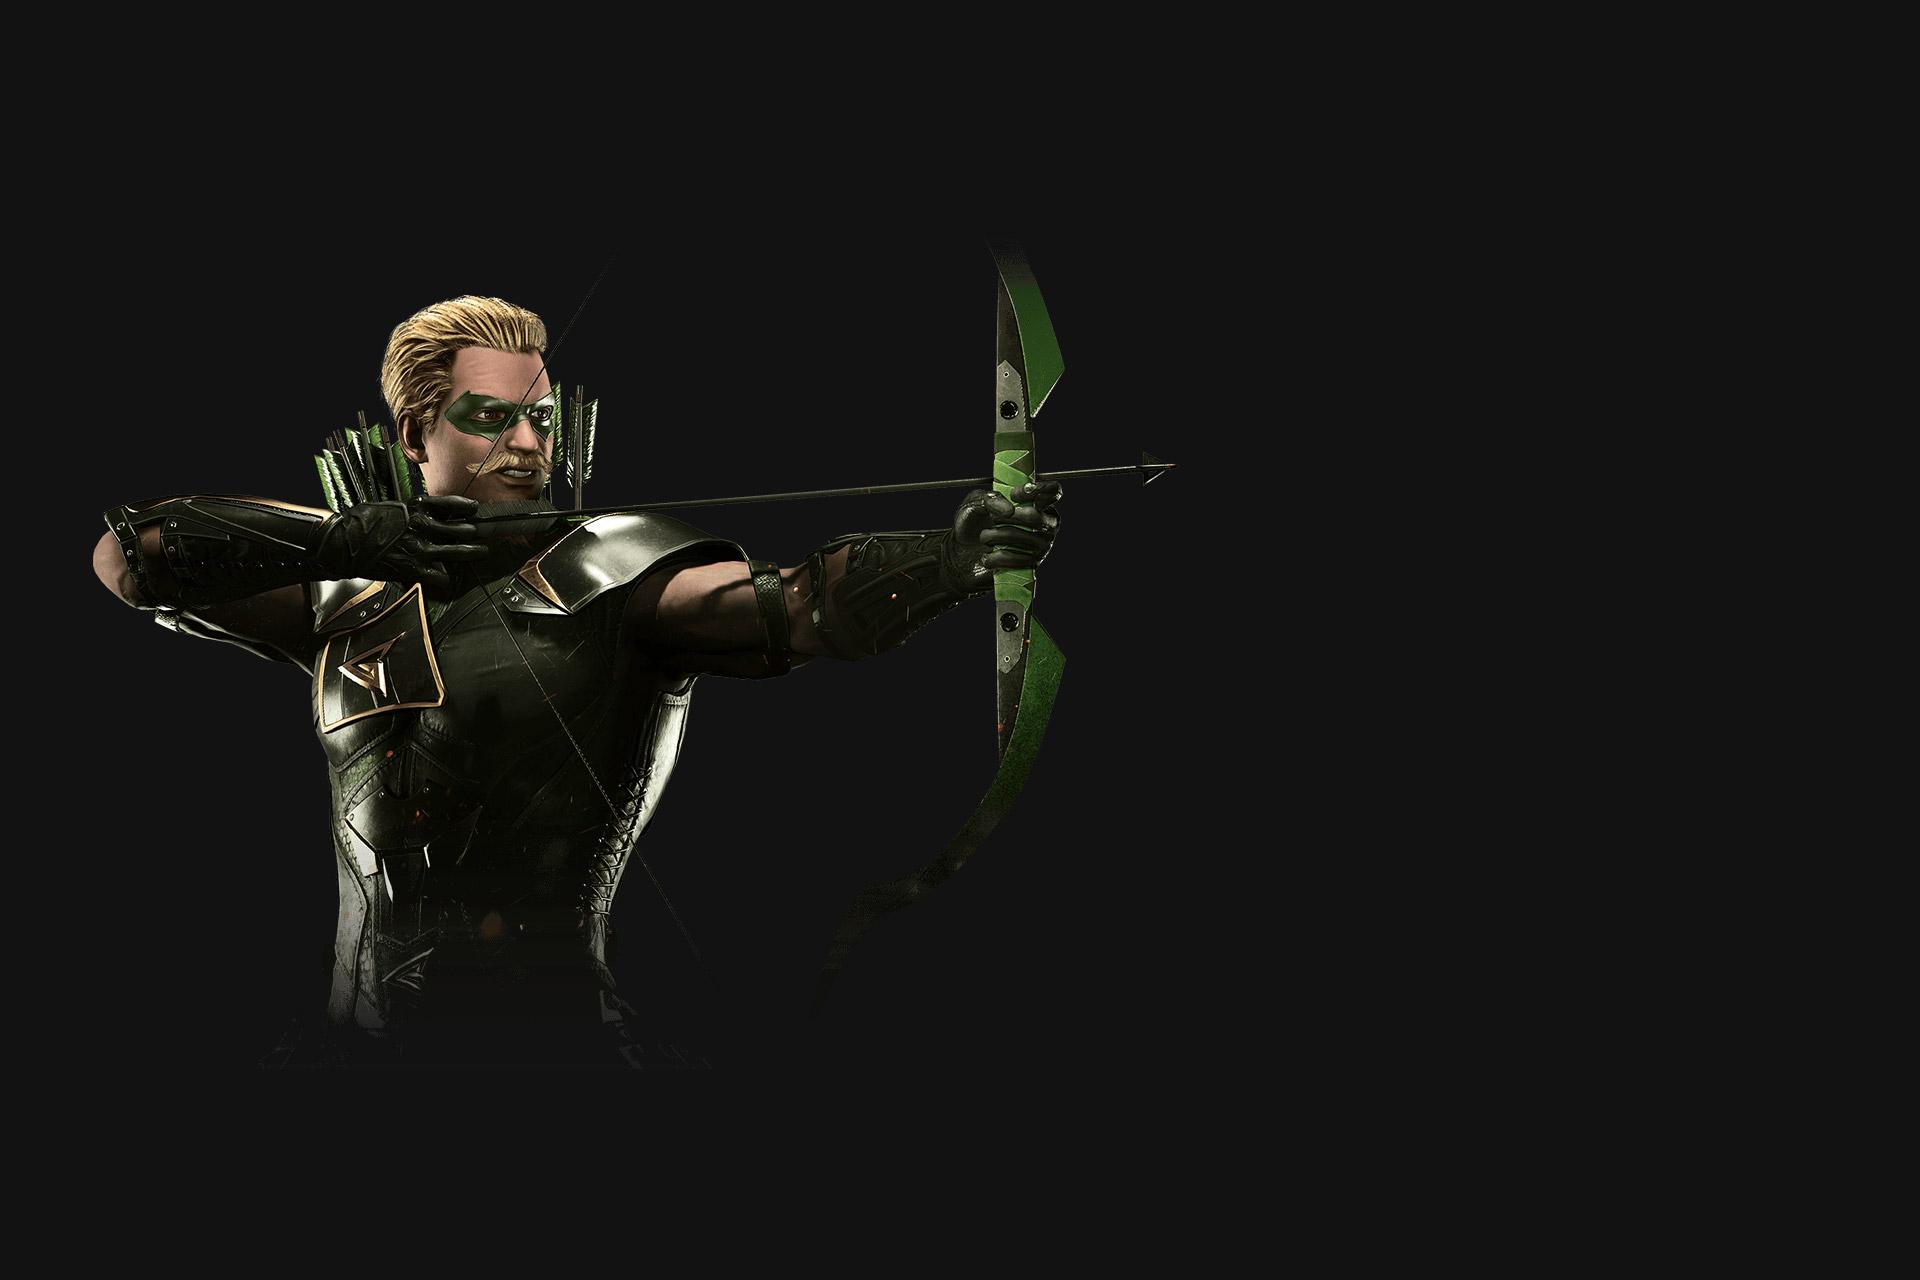 Injustice 2 arrow. обои скачать